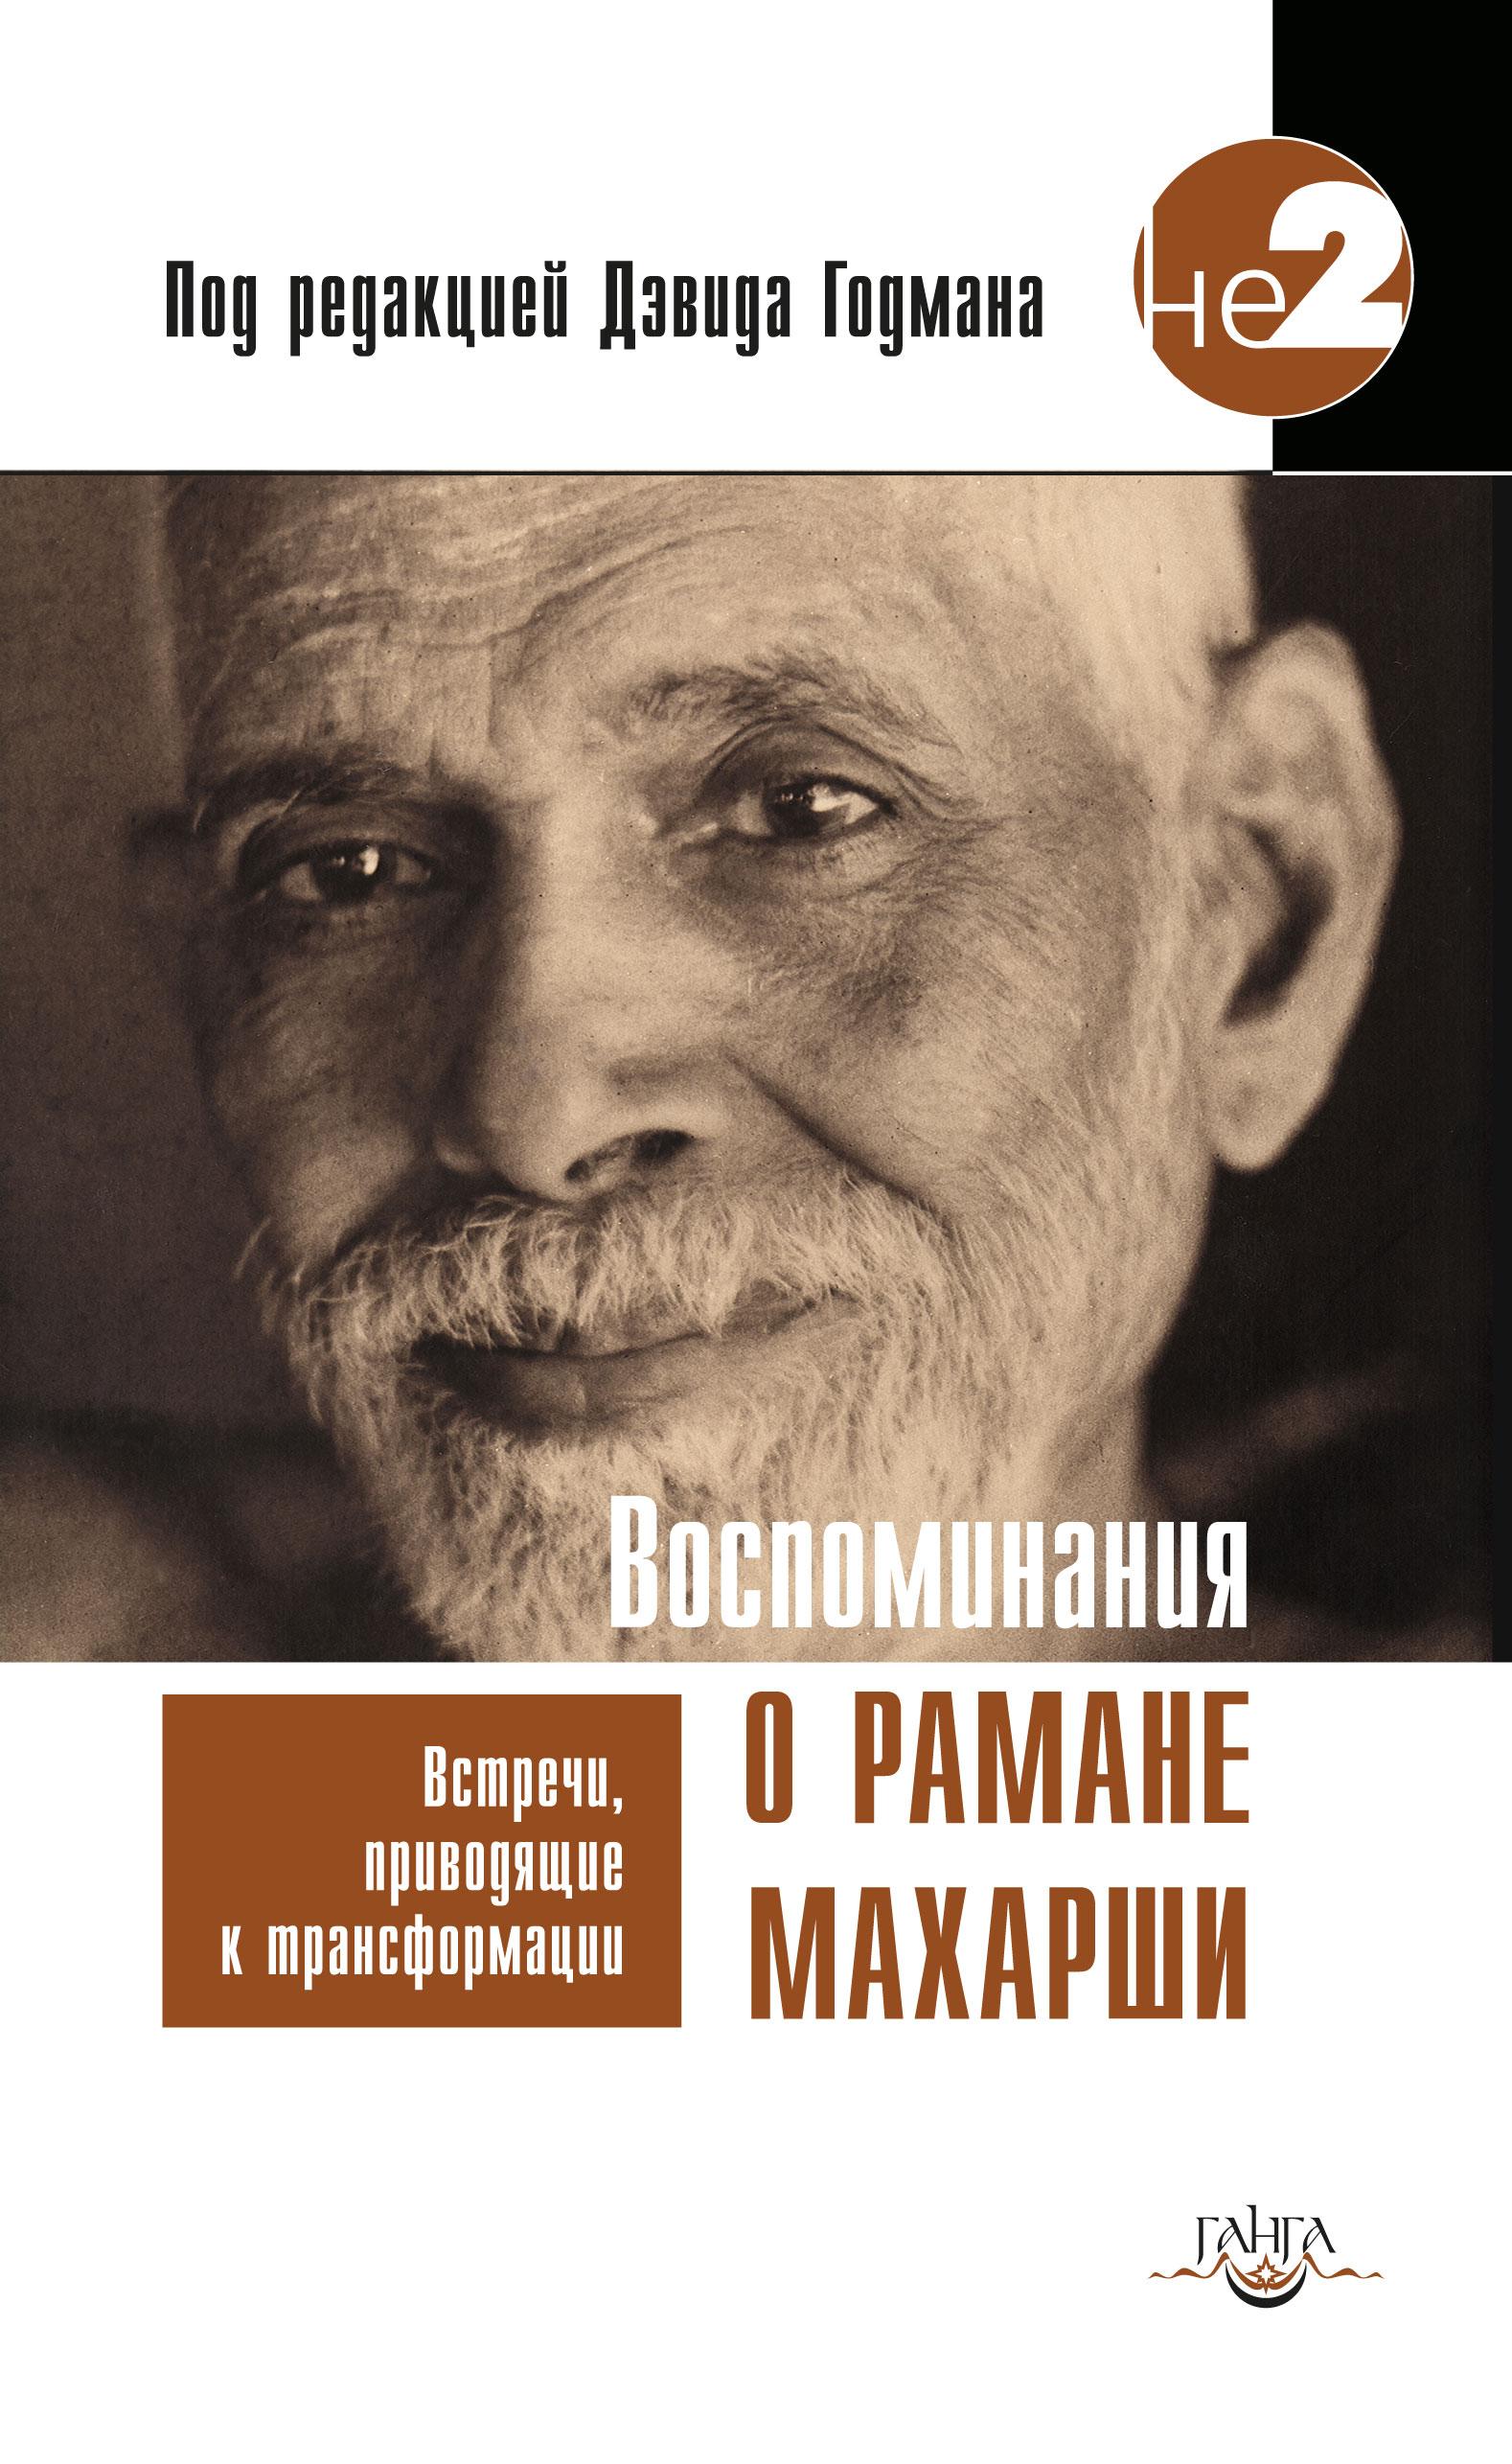 Дэвид Годман Воспоминания о Рамане Махарши. Встречи, приводящие к трансформации